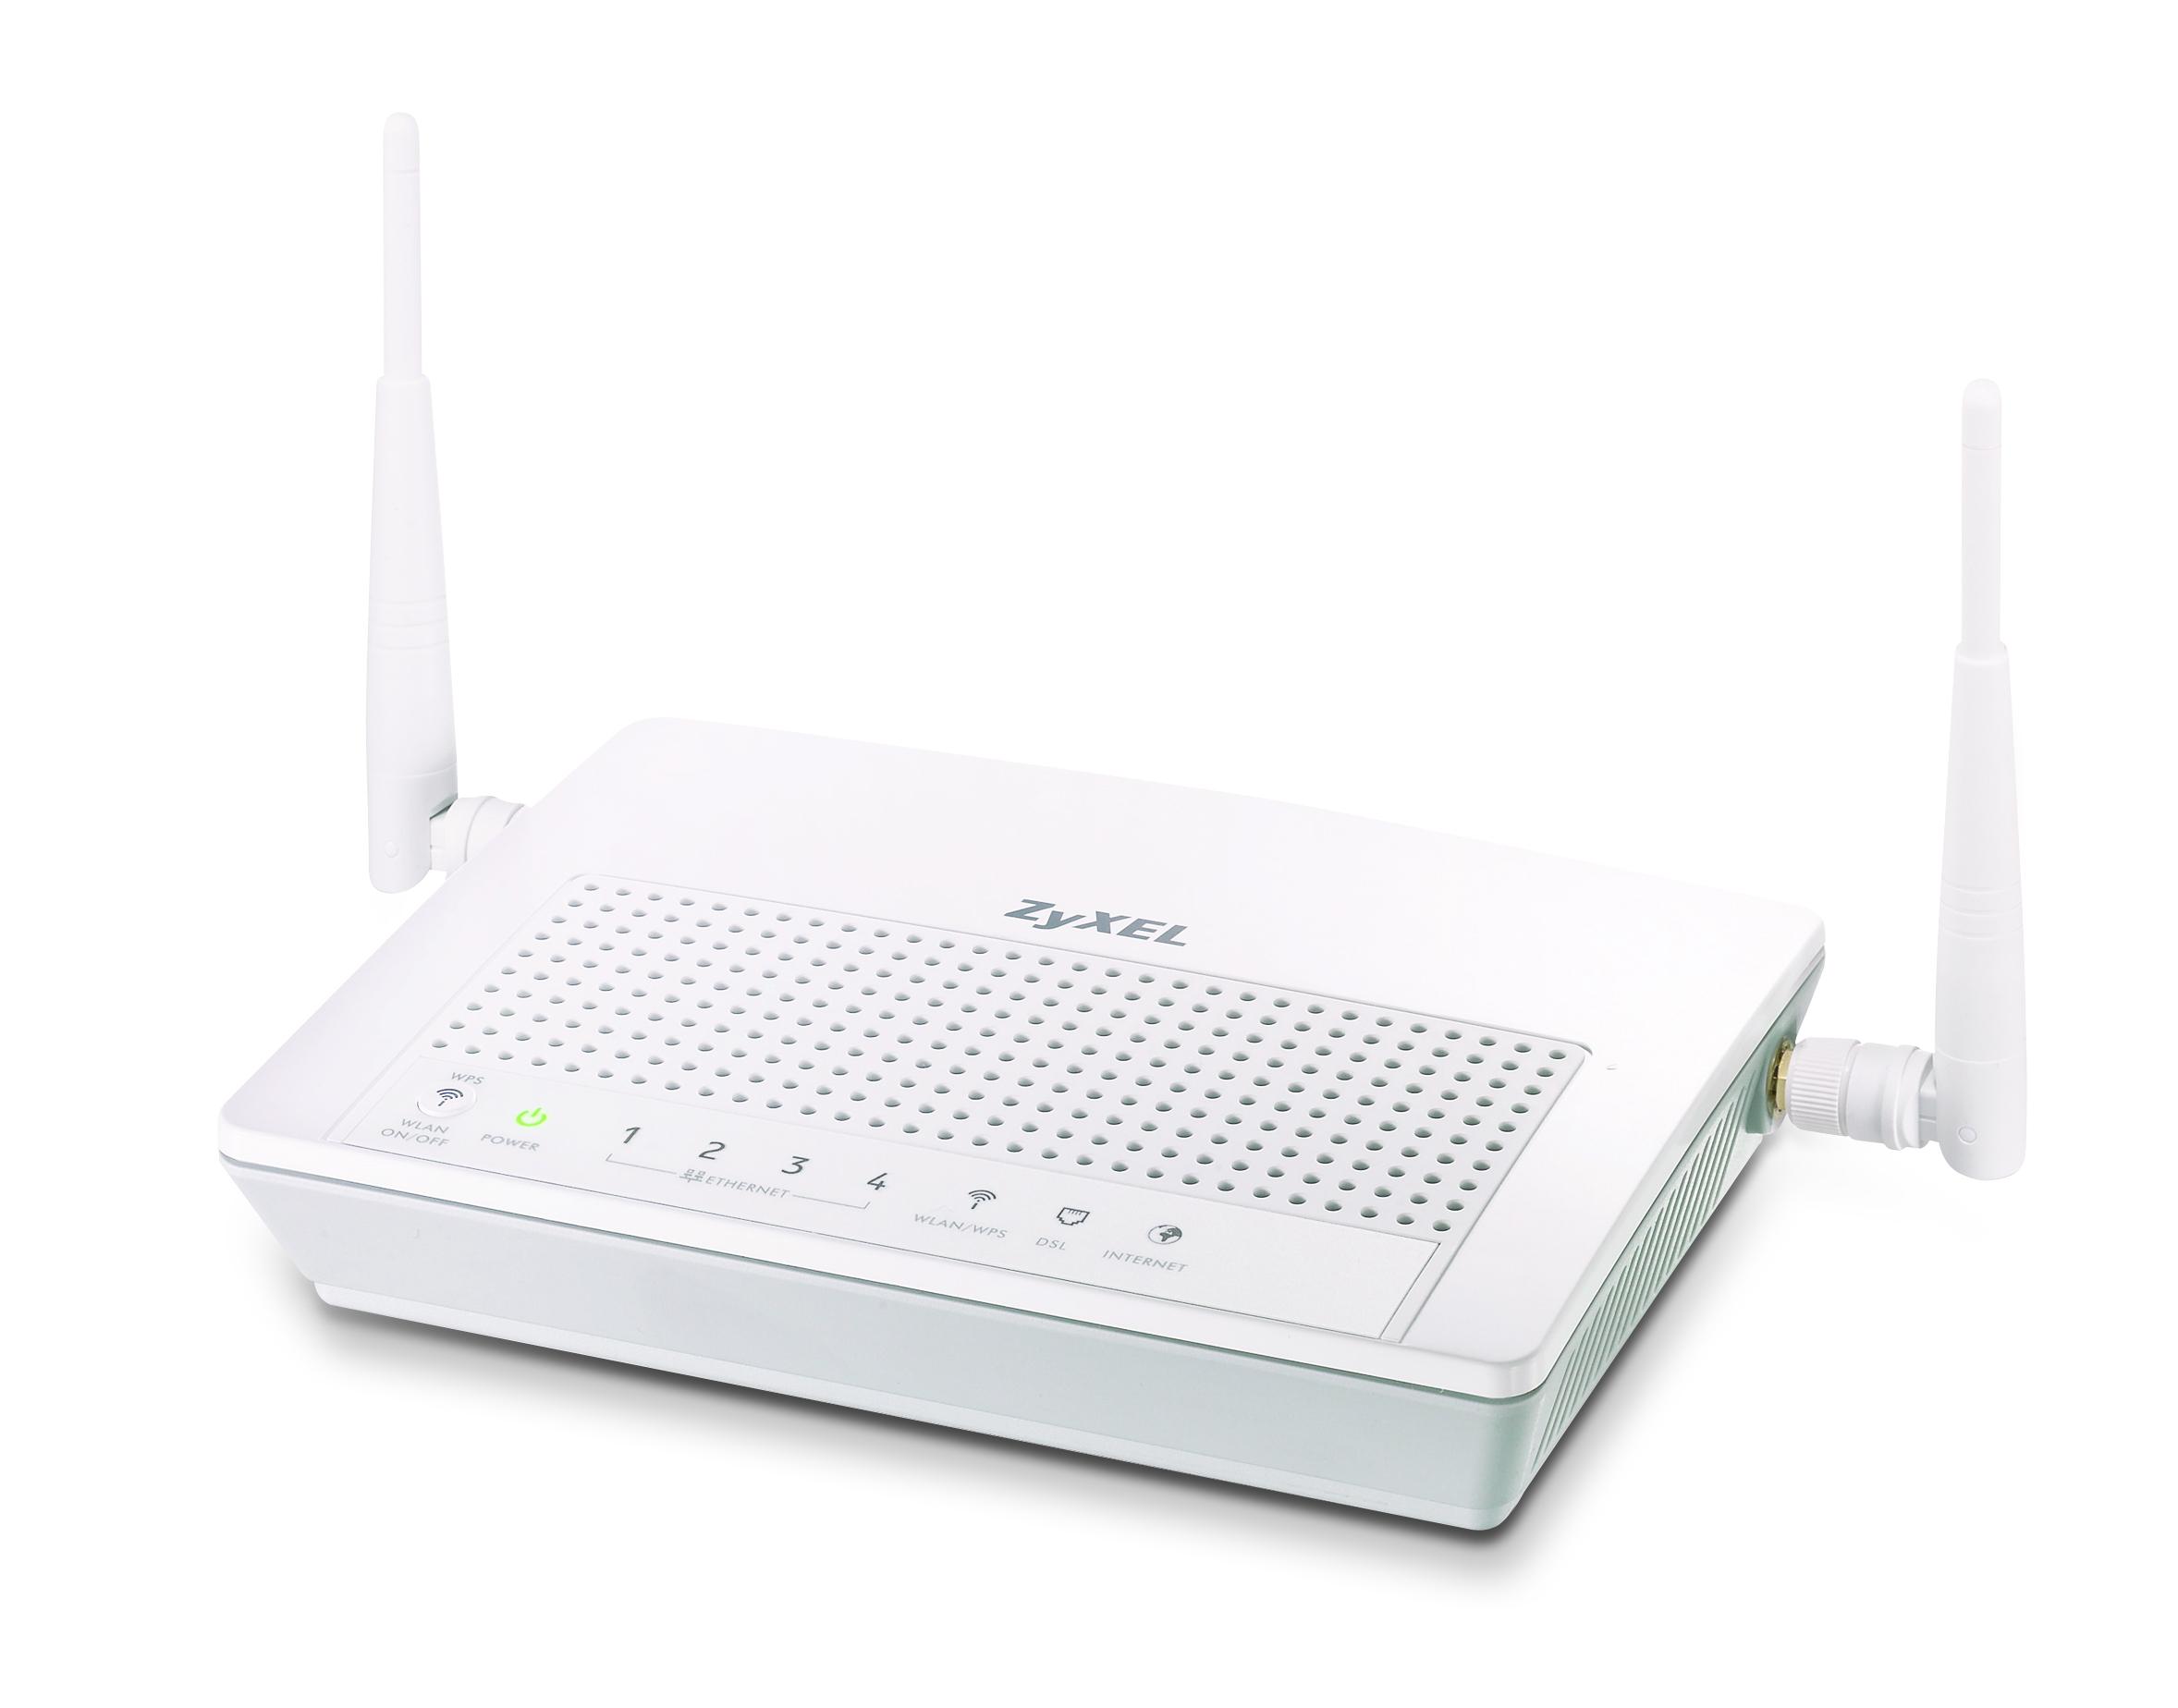 VDSL2 Wireless 11n IAD